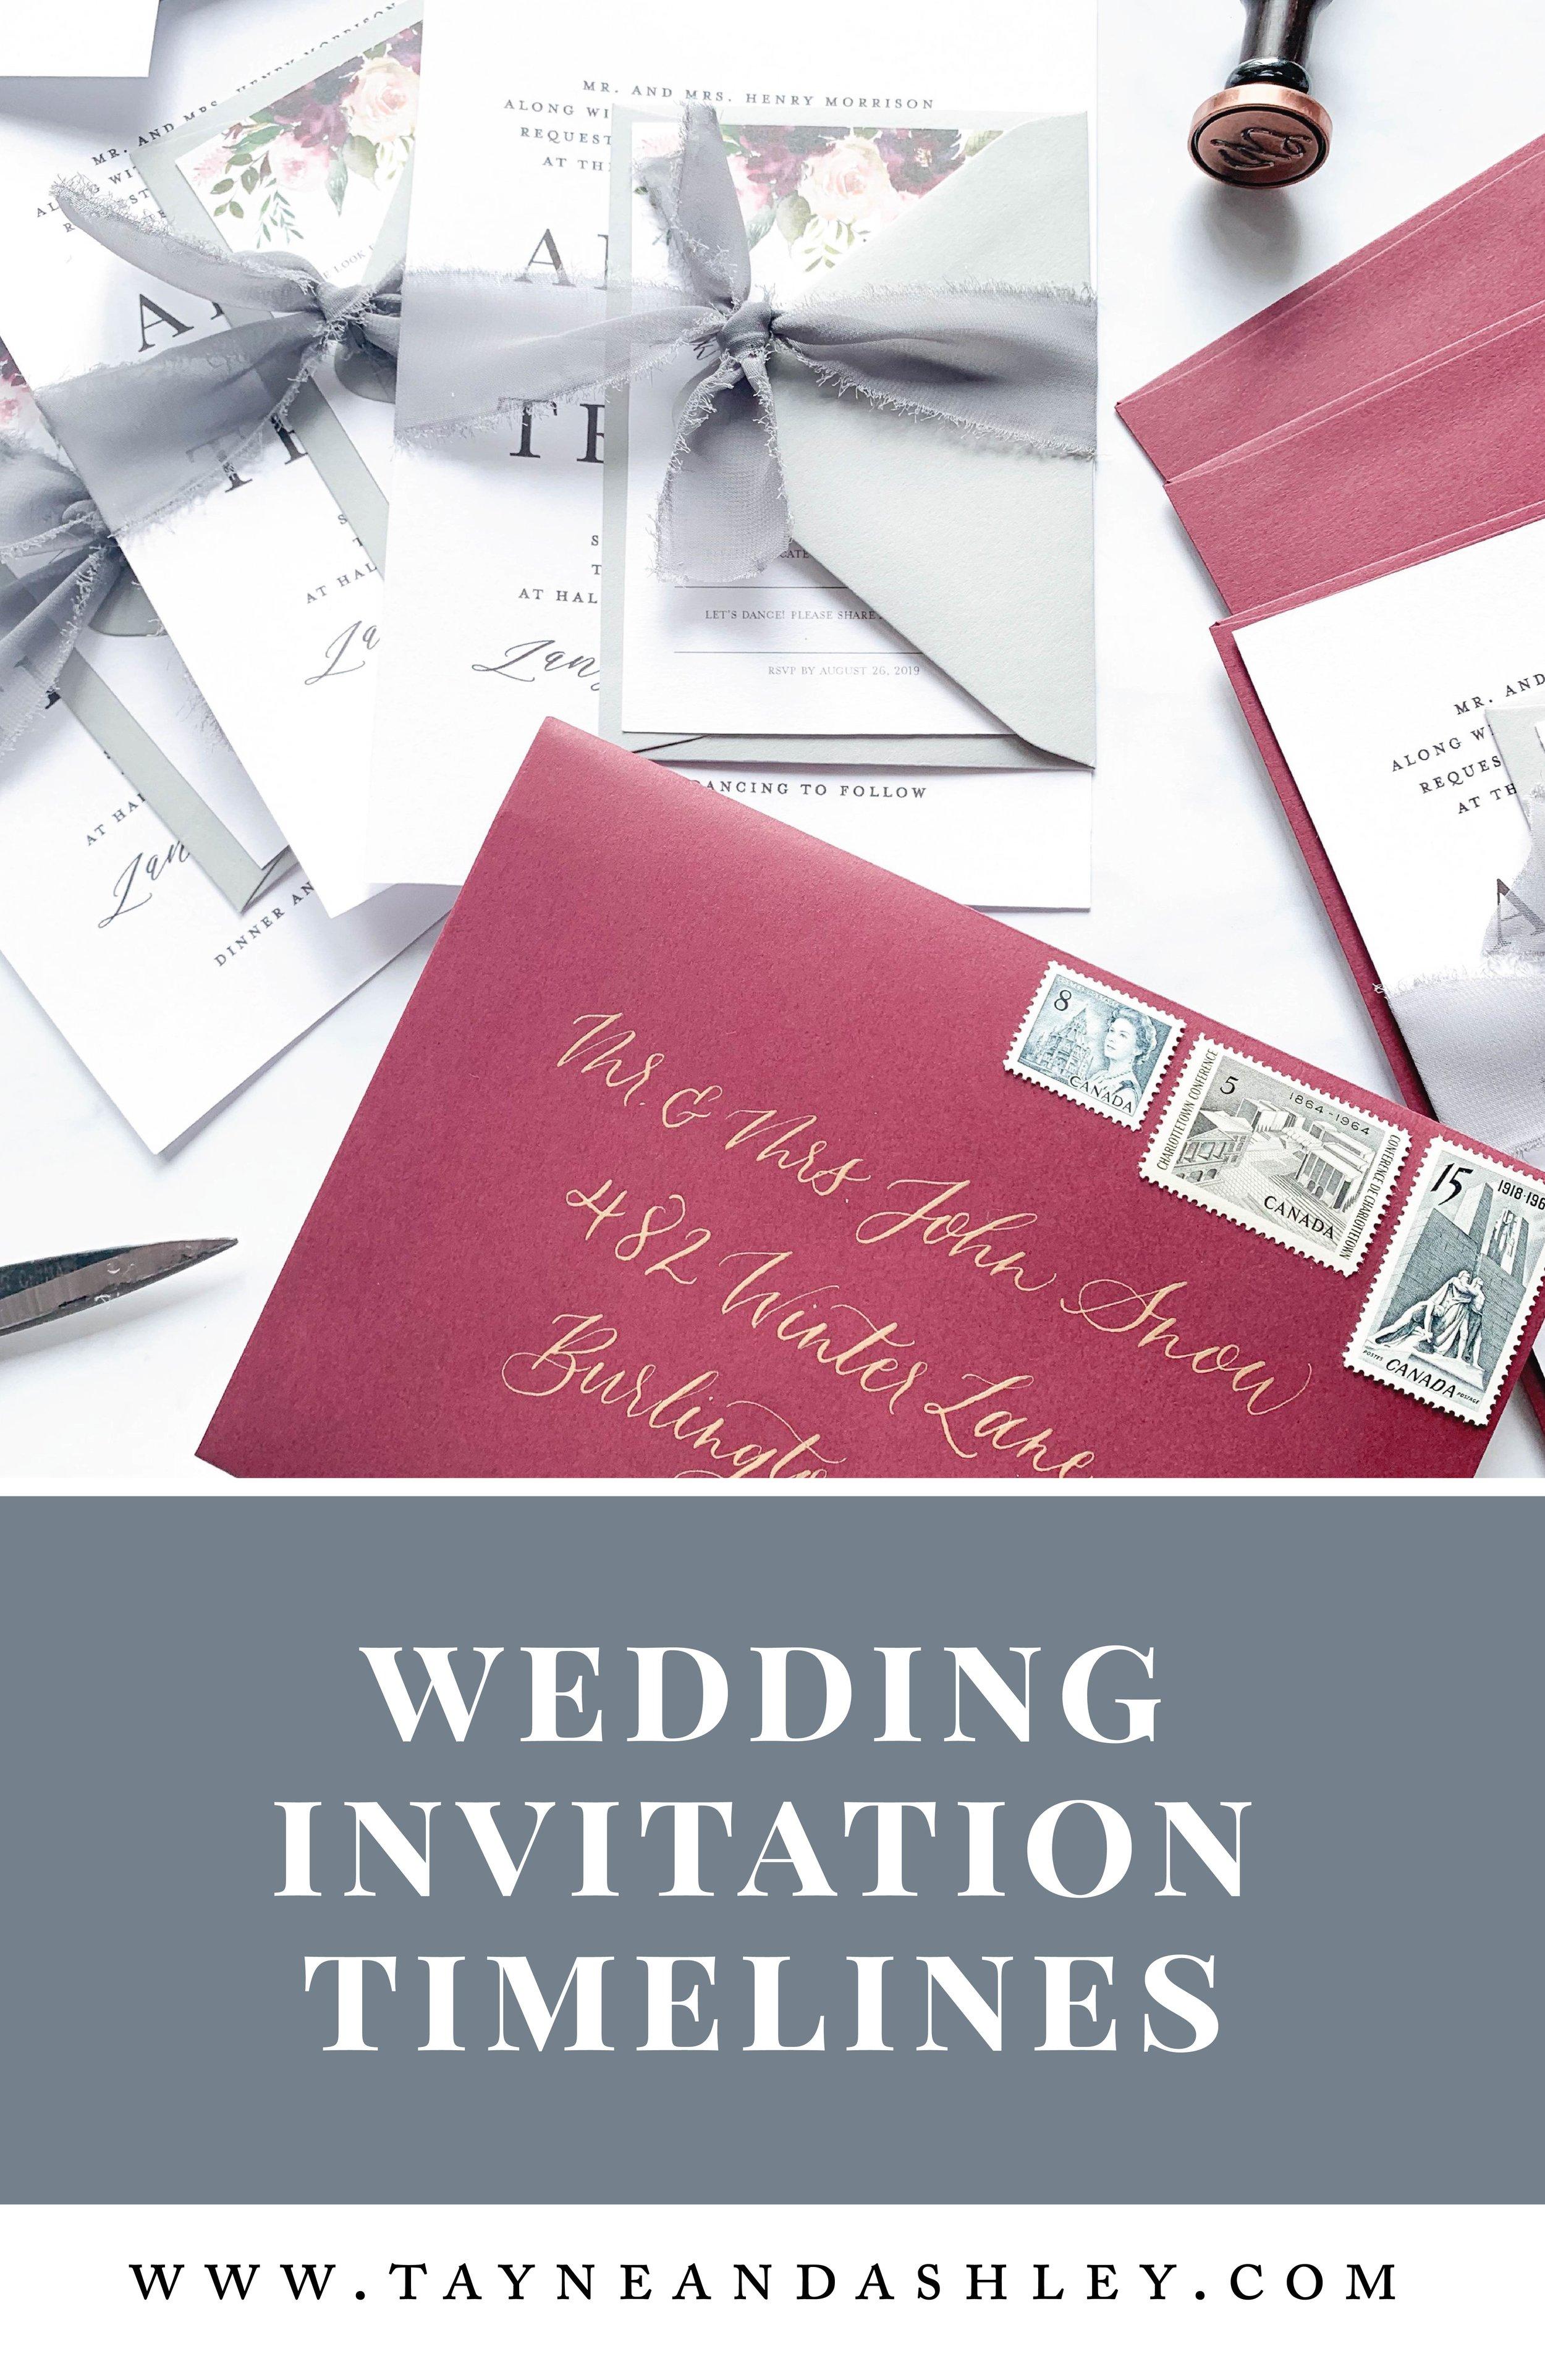 pinterest-wedding-invitation-timeline-tayneandashley-3